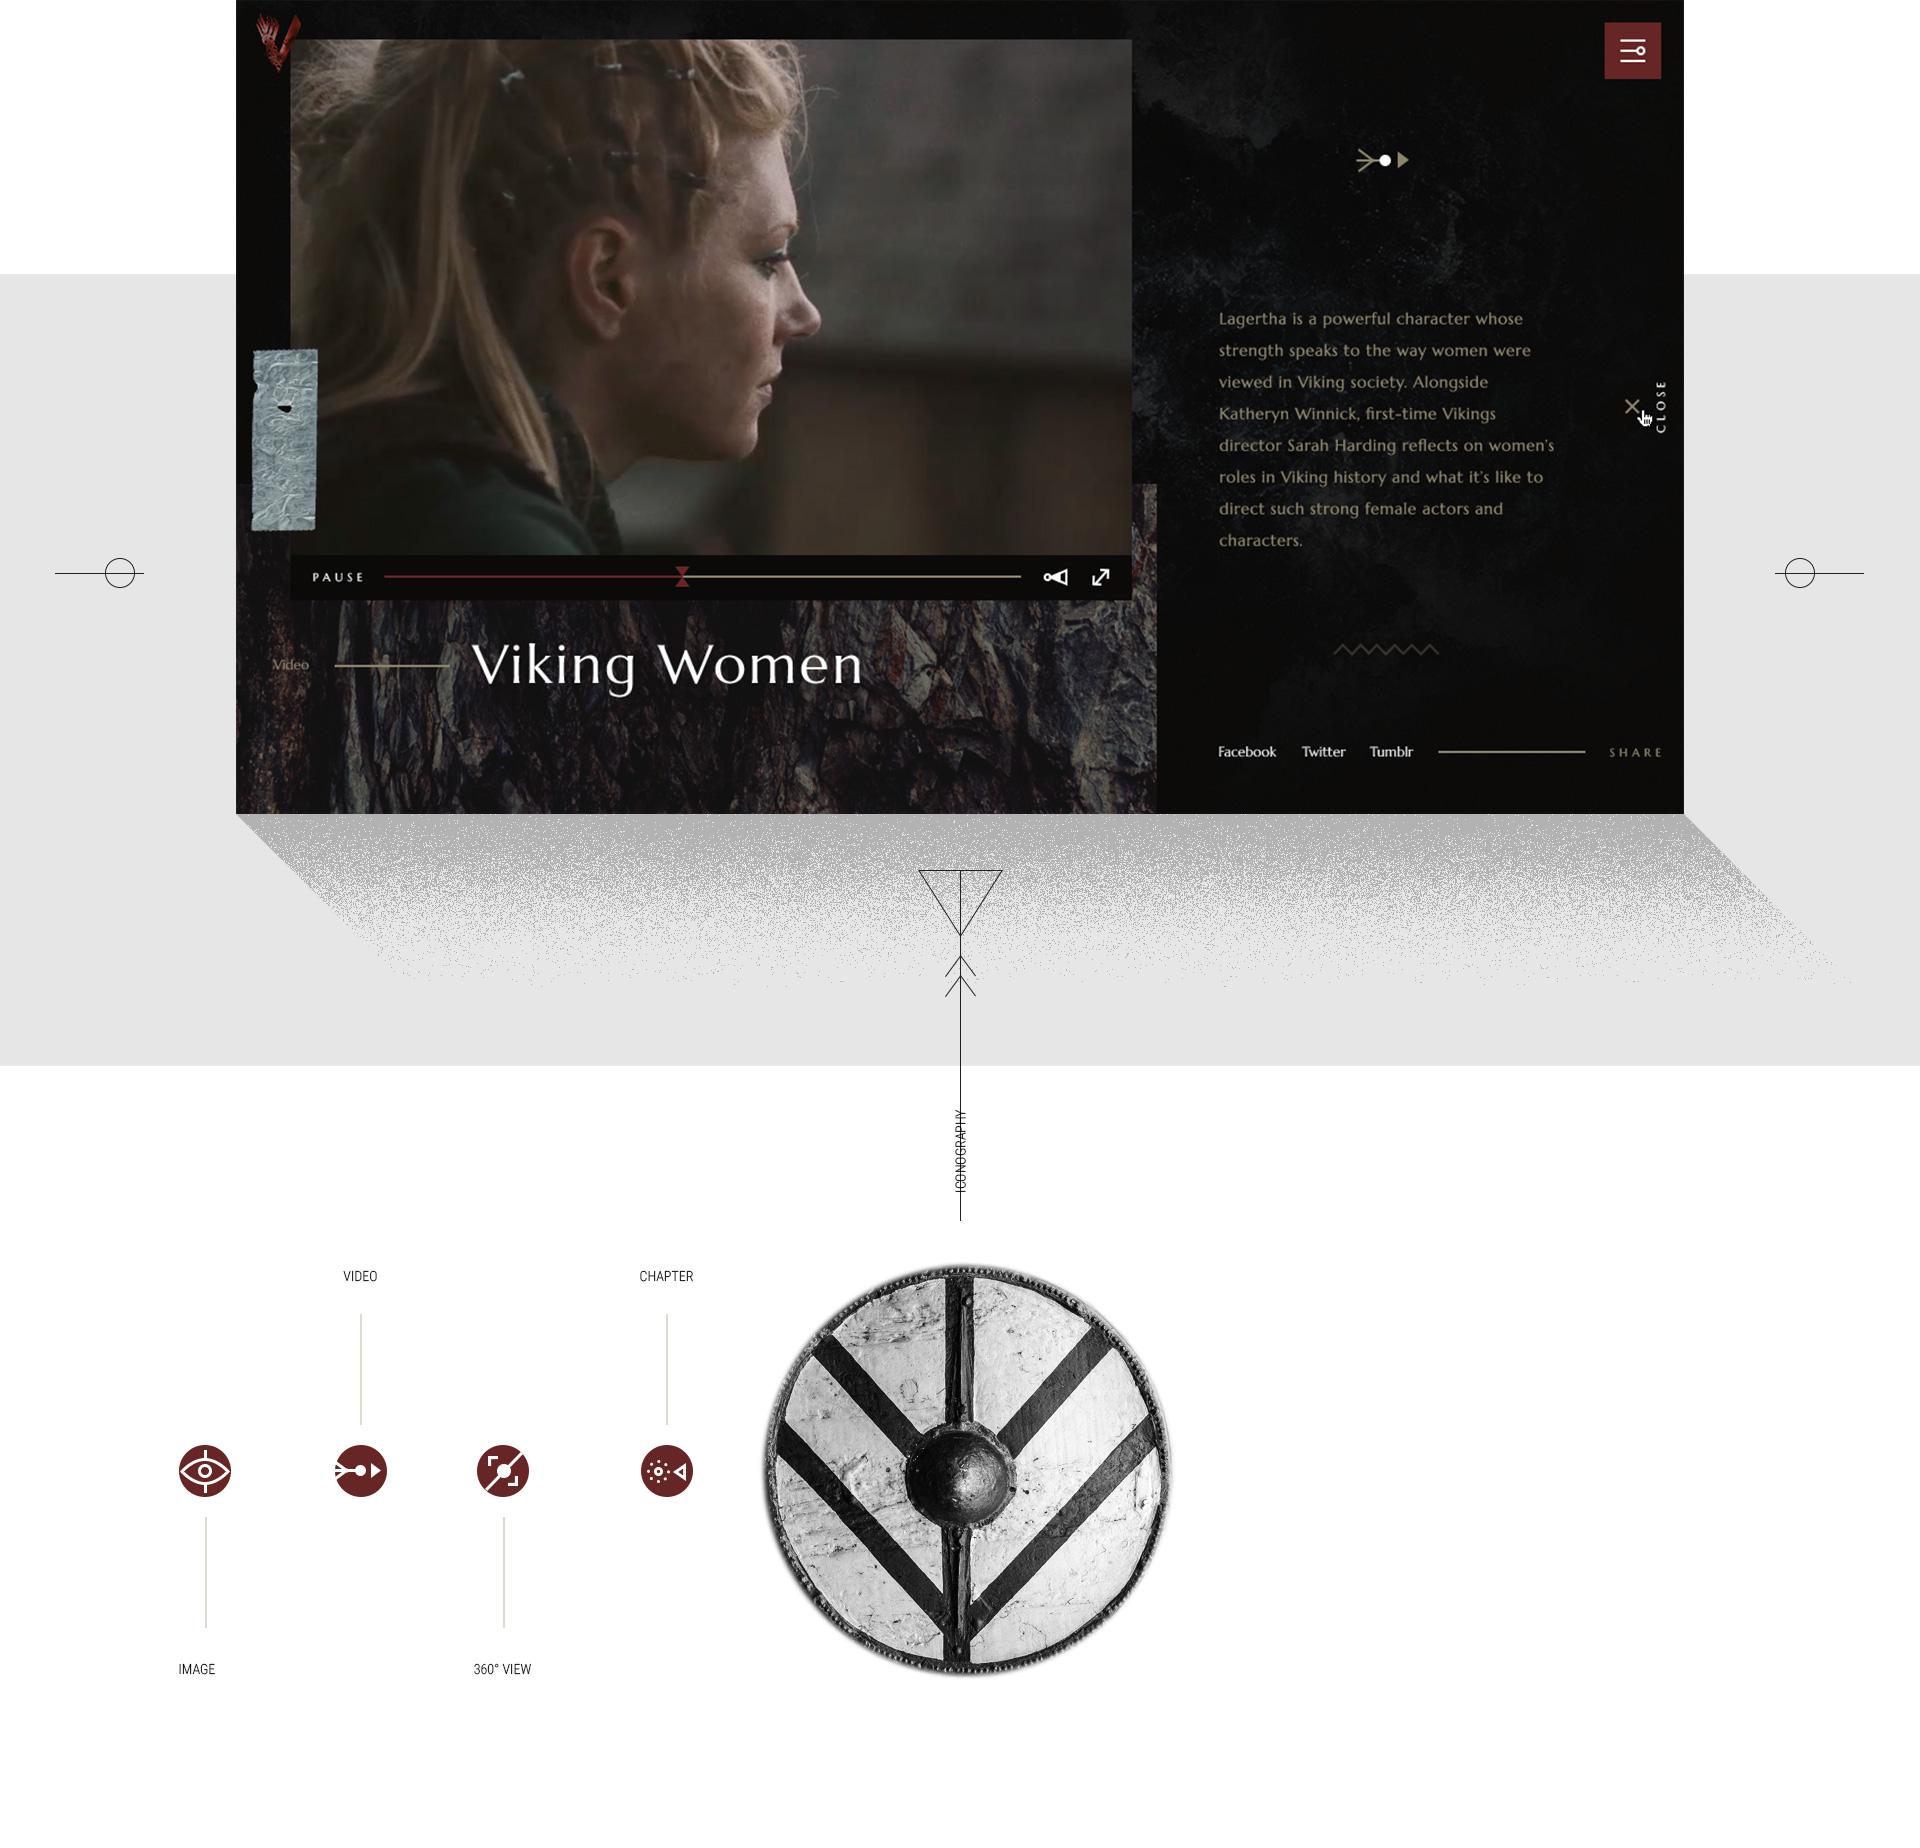 vikings-design-02.jpg